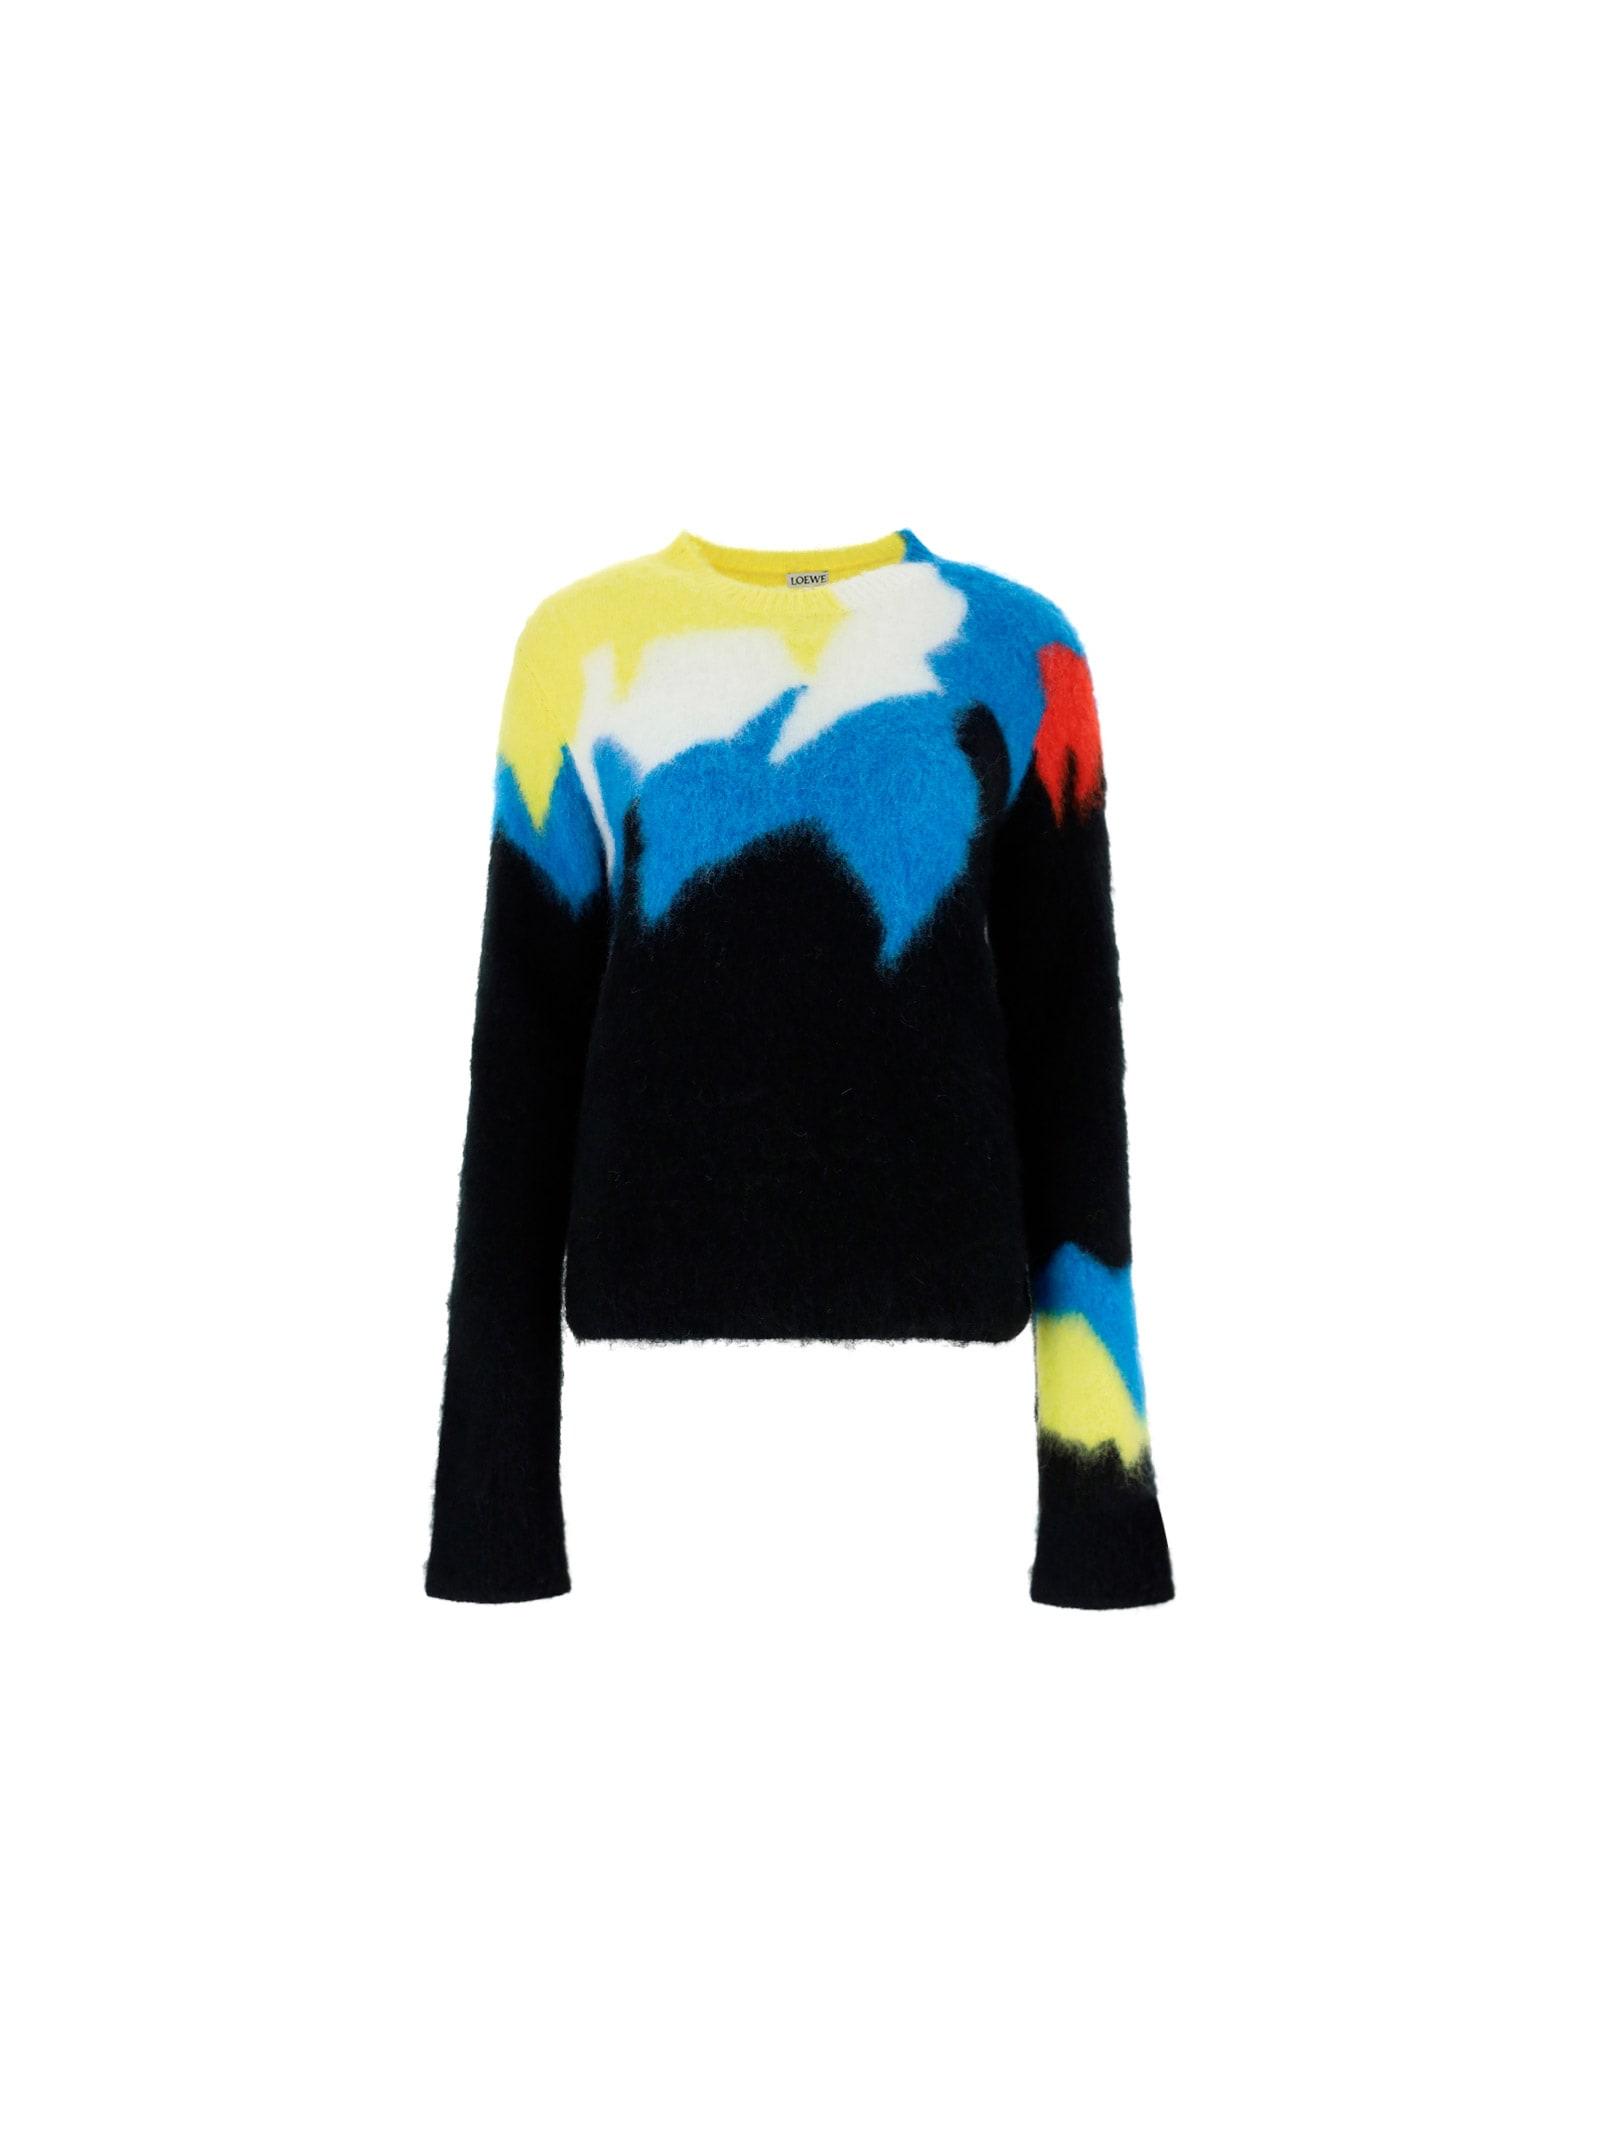 Loewe Sweatshirt In Black/multicolor